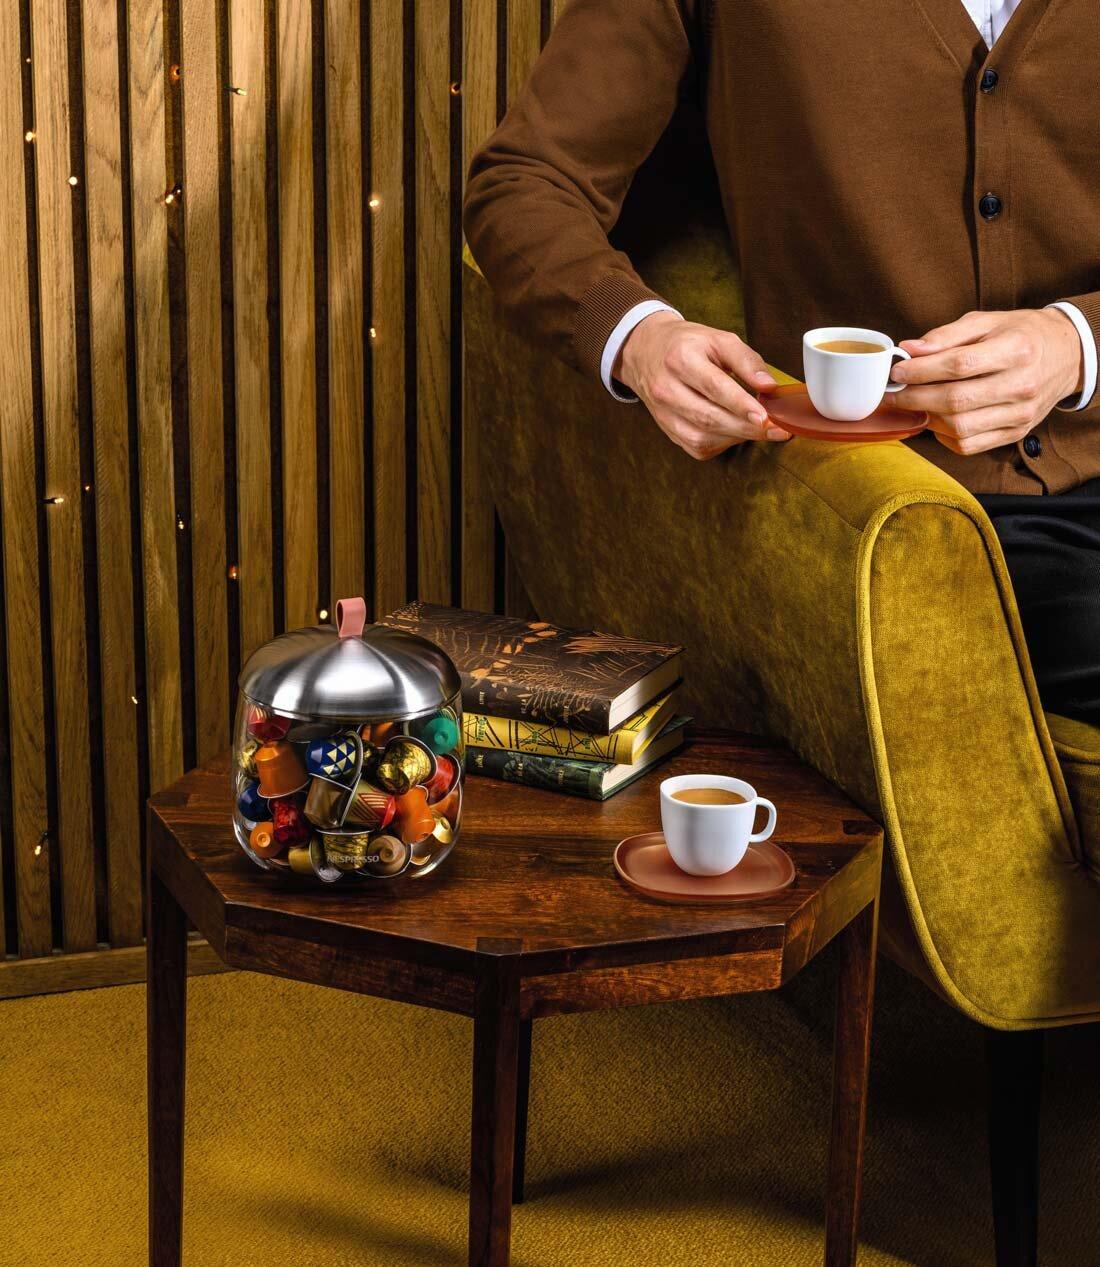 イタリアのホリデーシーズンをテーマにした、冬の数量限定コーヒー|NESPRESSO